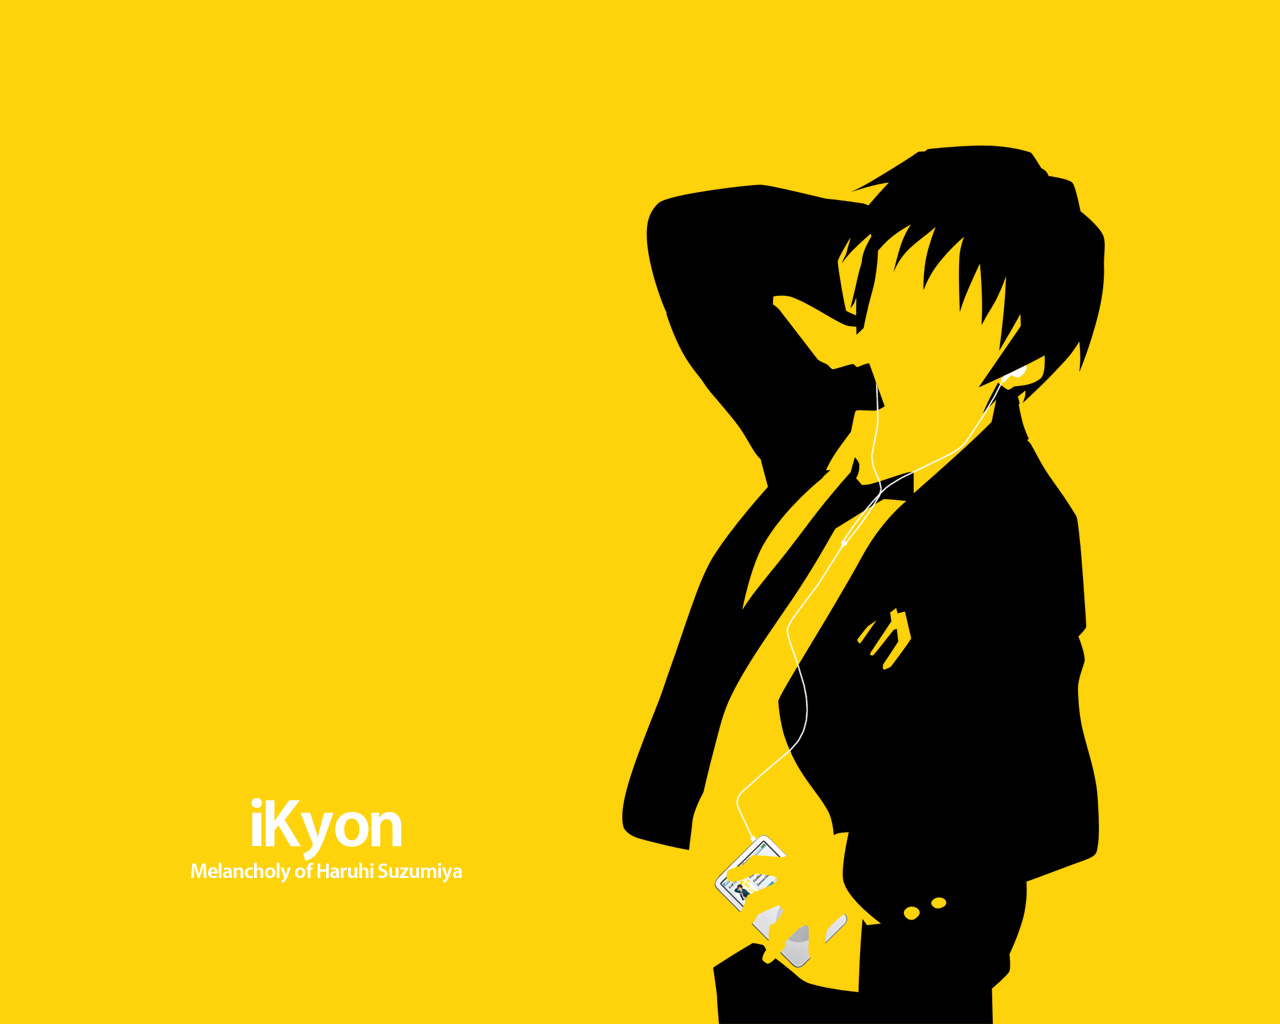 all_male ipod kyon male parody silhouette suzumiya_haruhi_no_yuutsu yellow